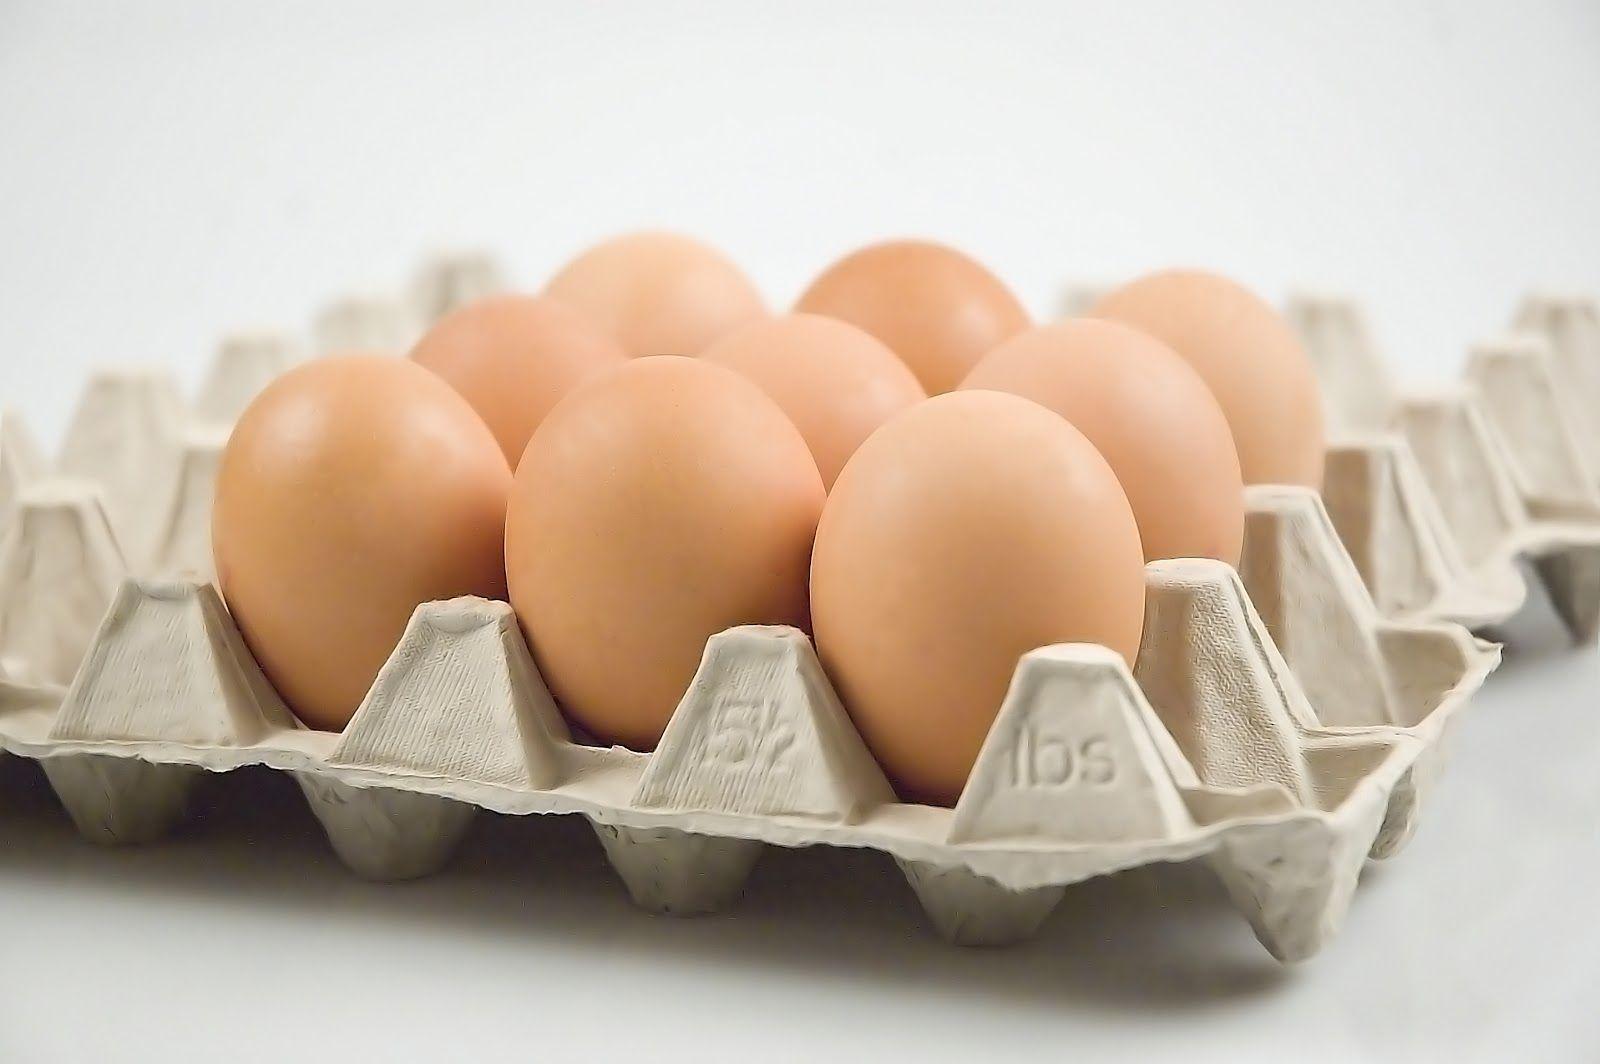 Diossina nelle uova: 10 campioni contaminati a Terni